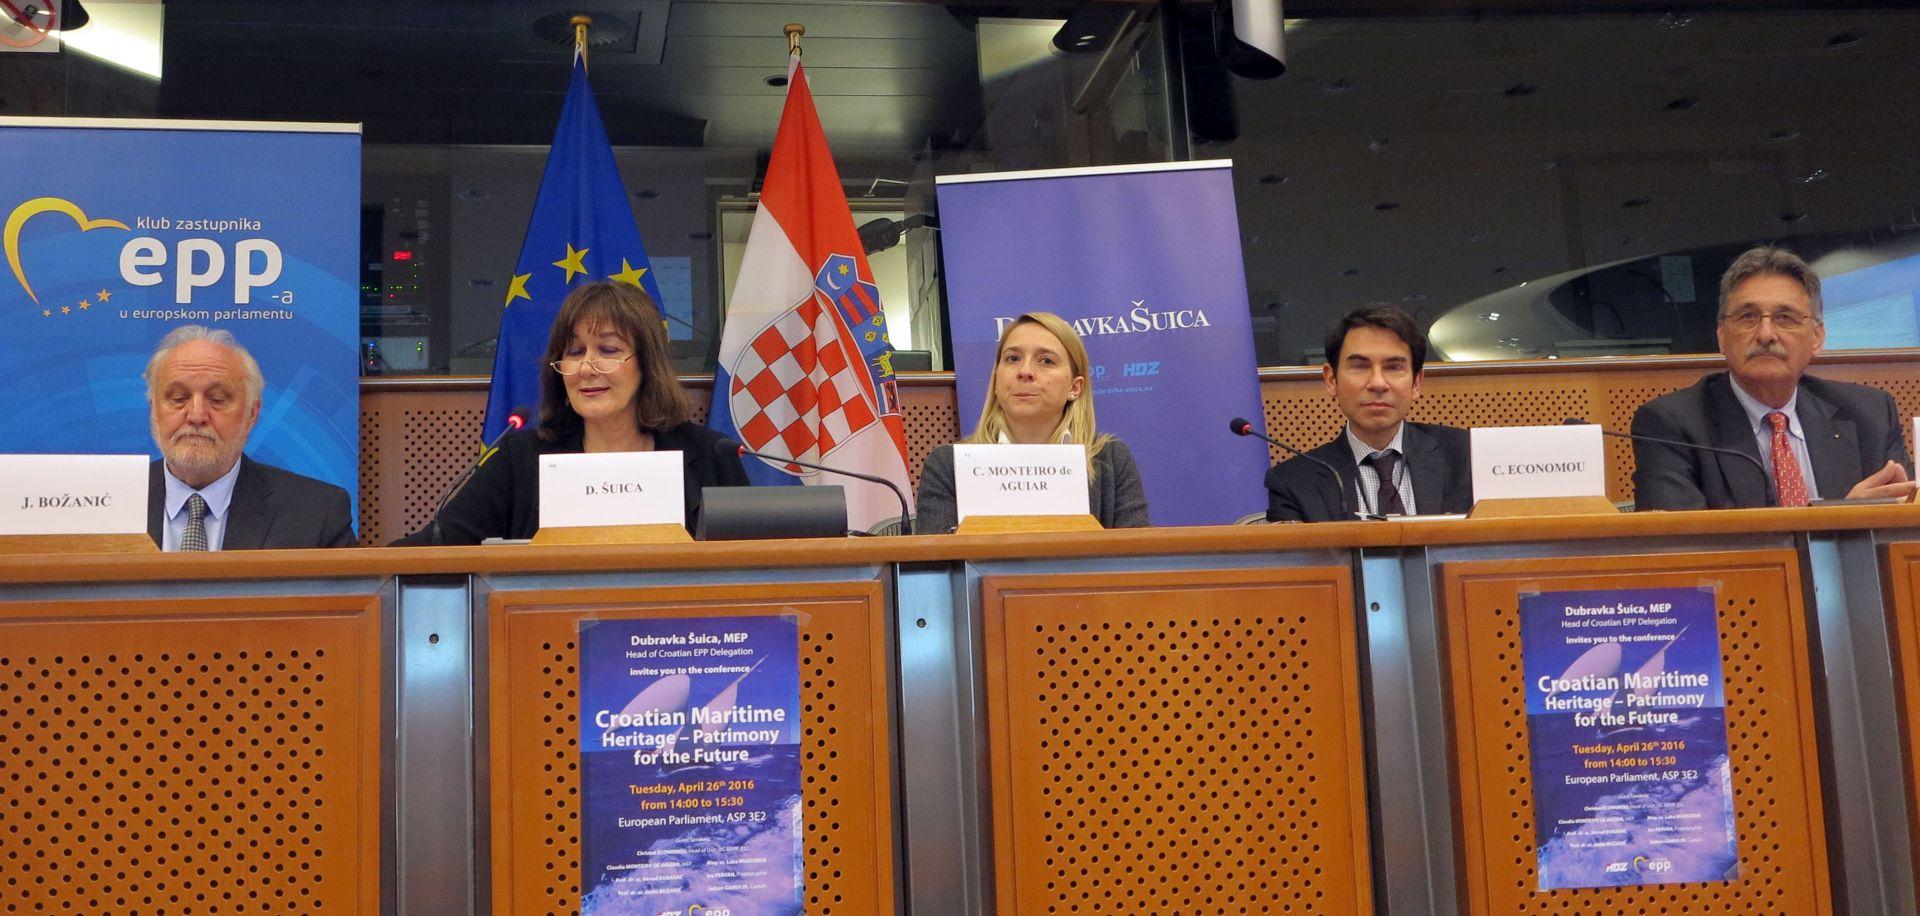 EUROPSKI PARLAMENT: Konferencija o hrvatskoj pomorskoj baštini